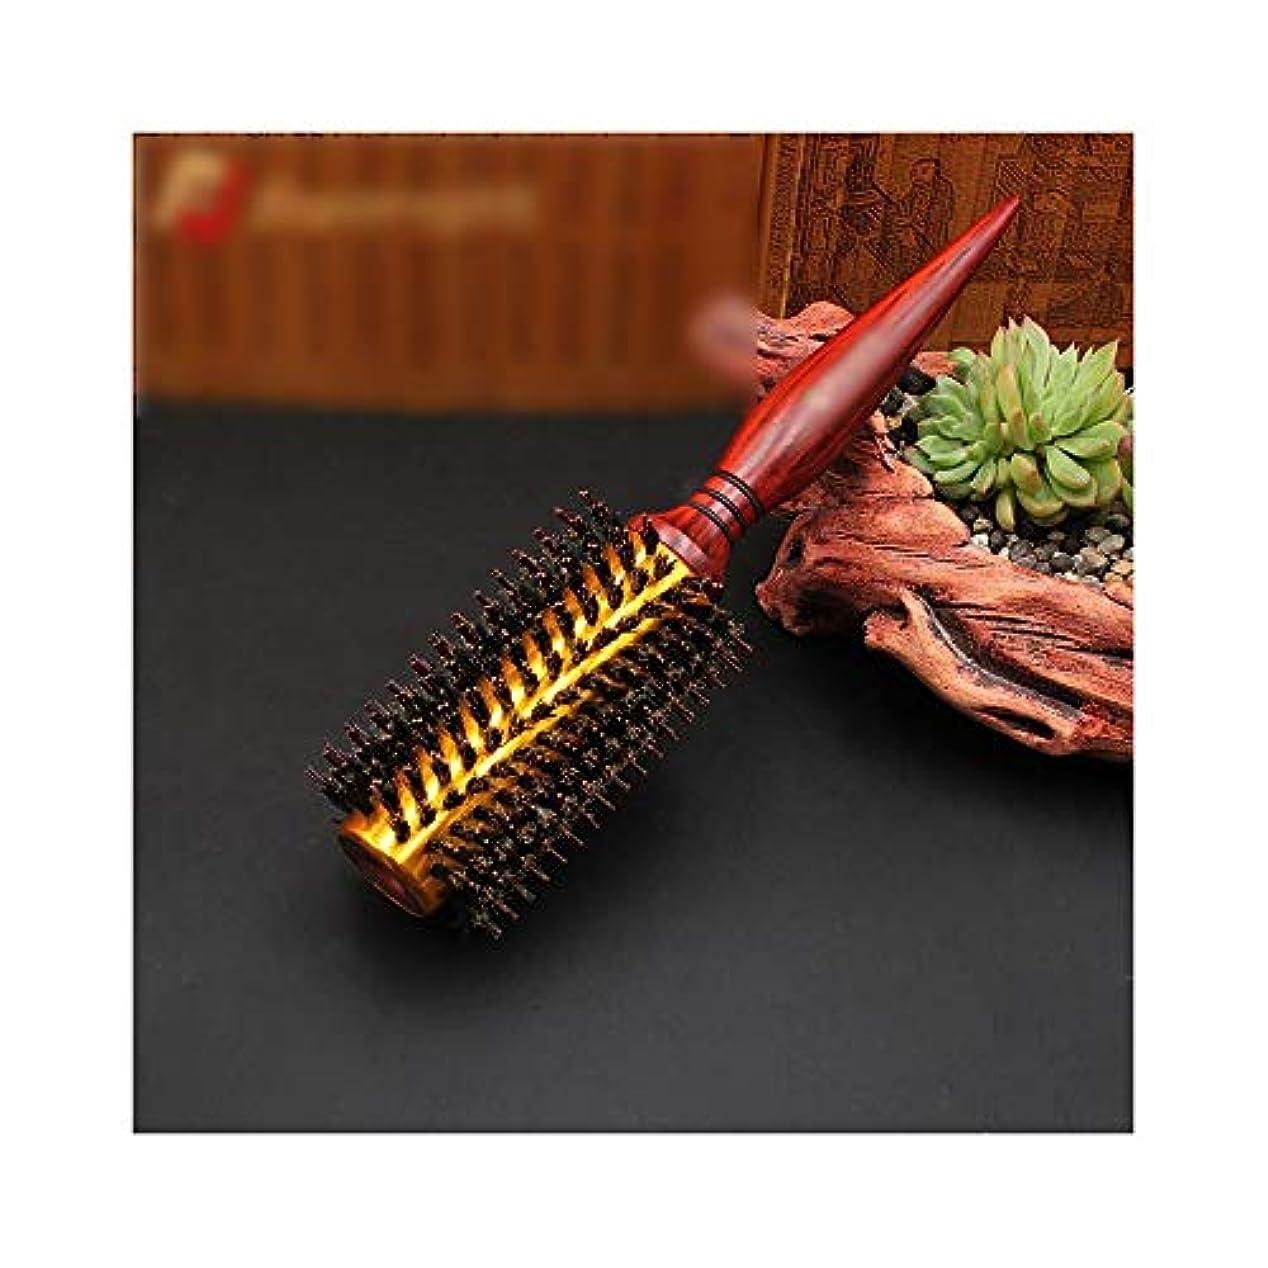 マイク料理をする立方体WASAIO ヘアブラシブリスルラウンドスタイリングヘアブラシ-すべてのヘアスタイル用のヘアブラシをロール (サイズ : 12 rows)